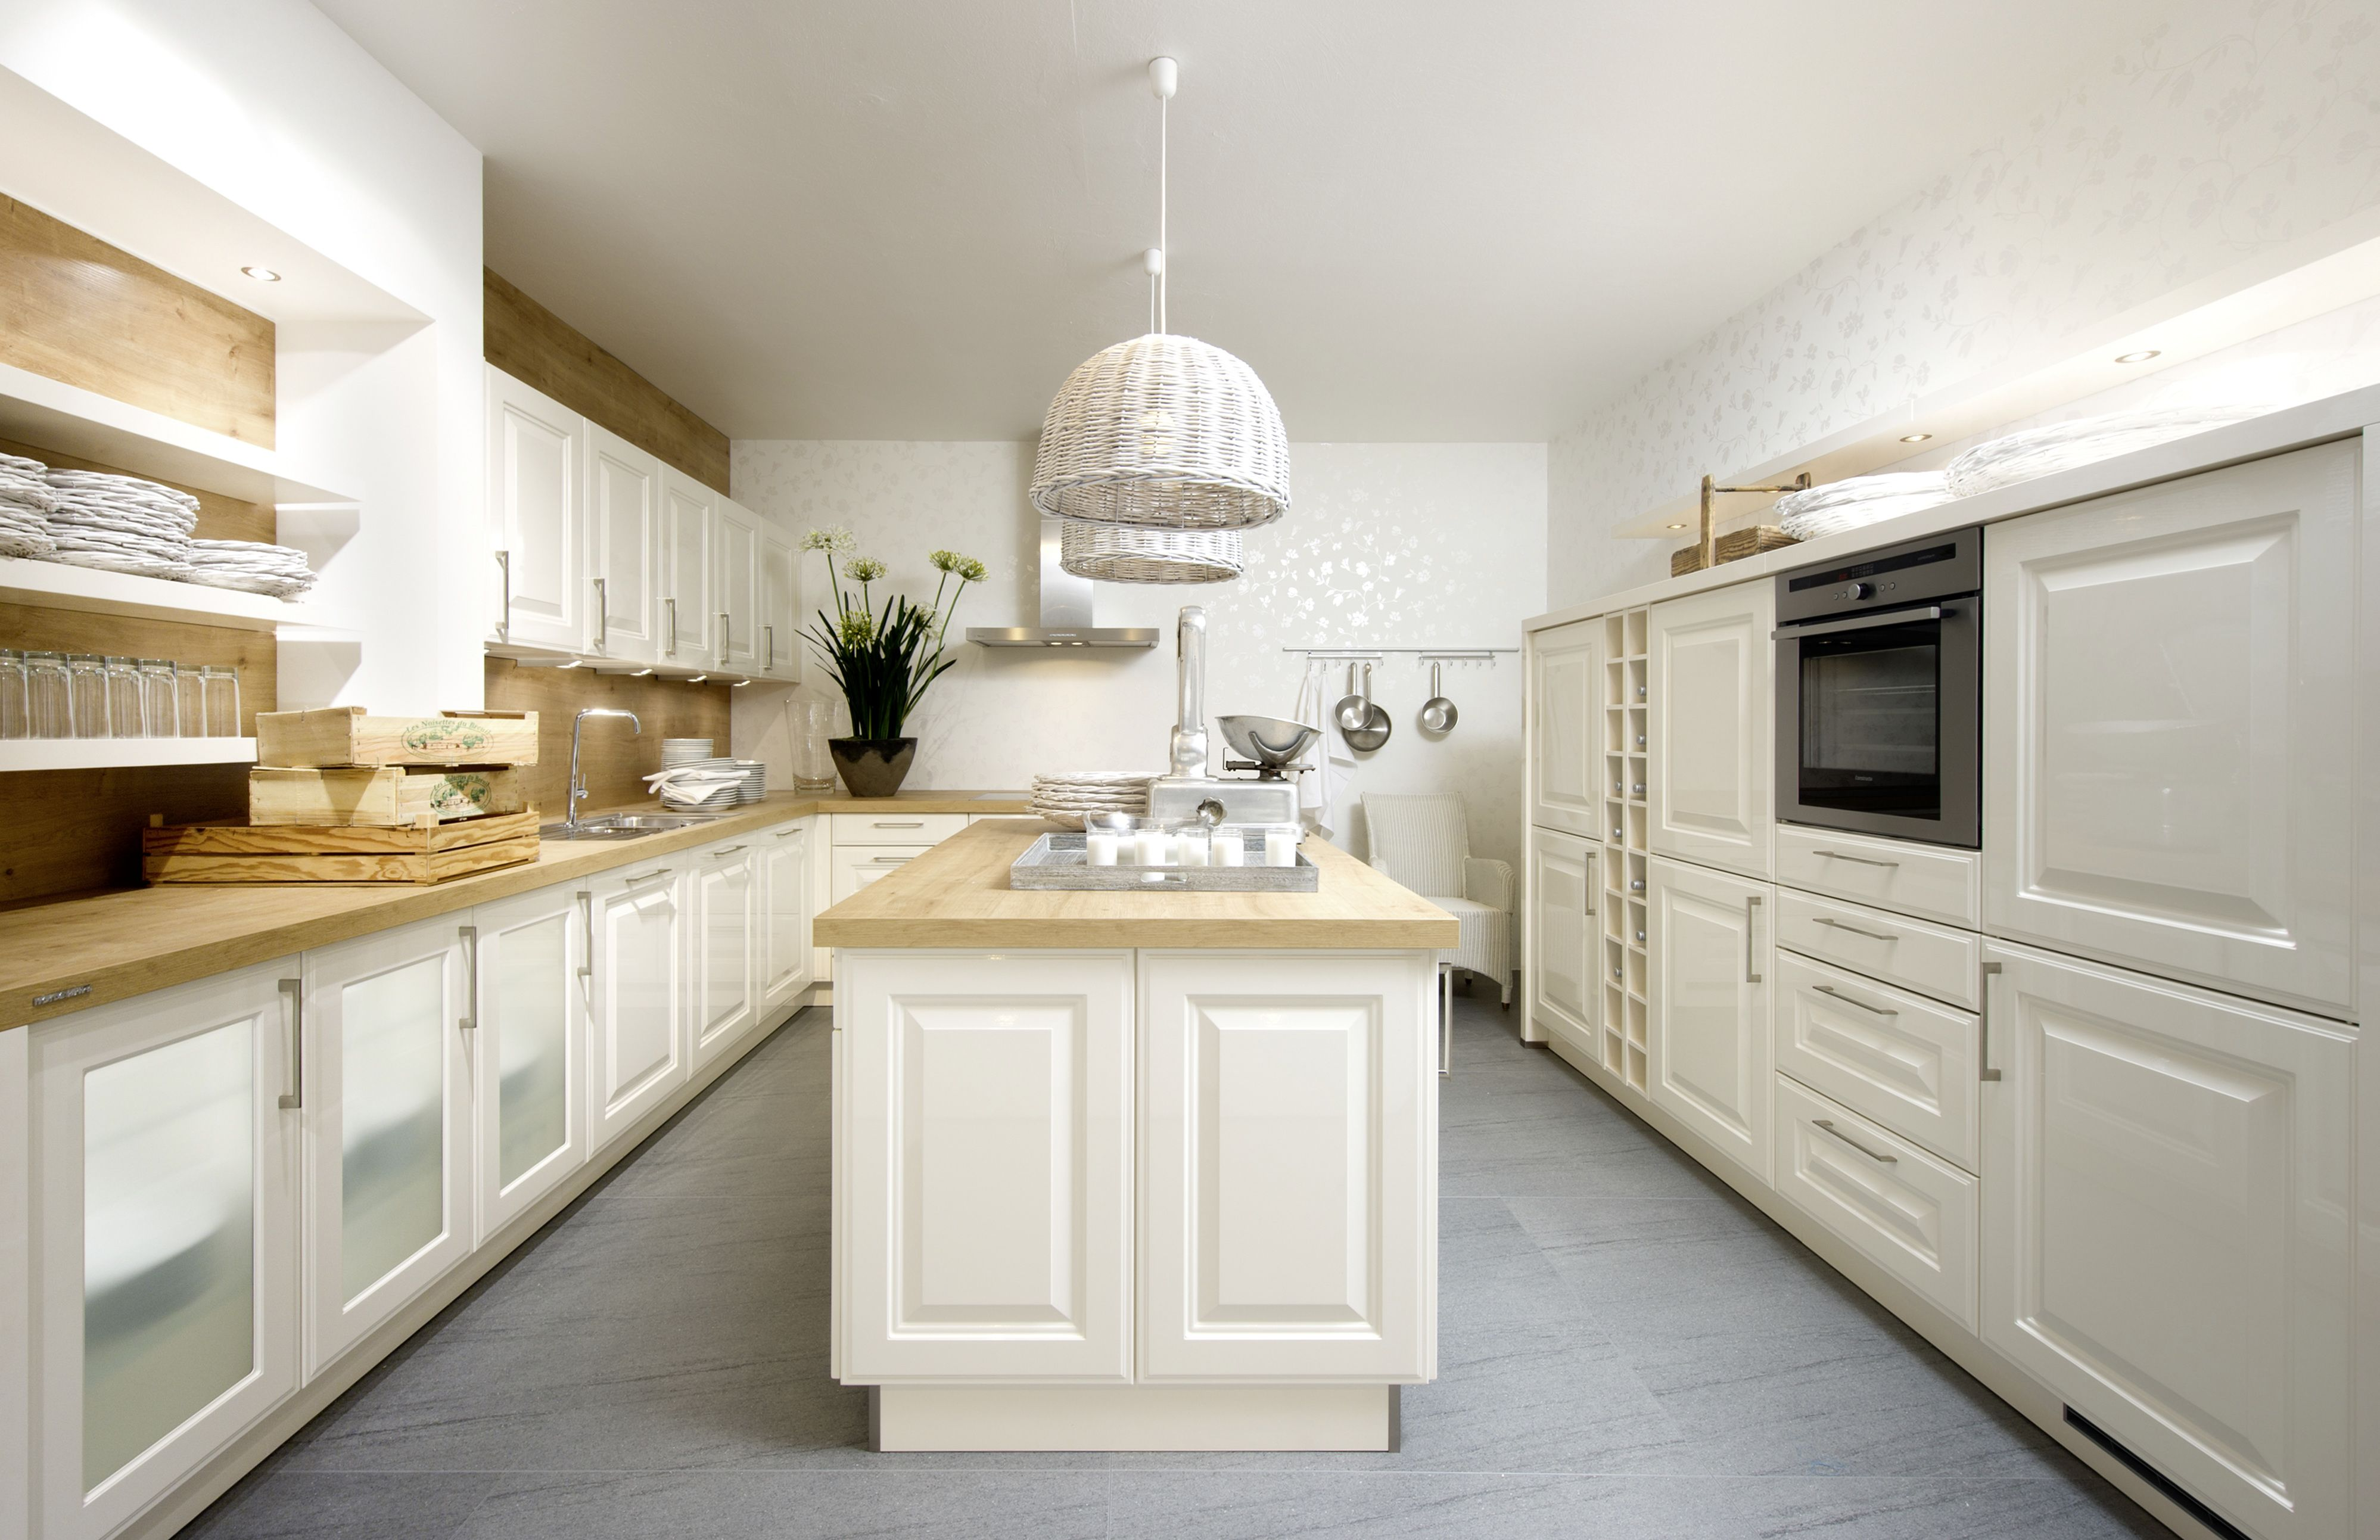 Nolte landhausküche nolte küche küchen design küche landhausstil offene küche kuchen